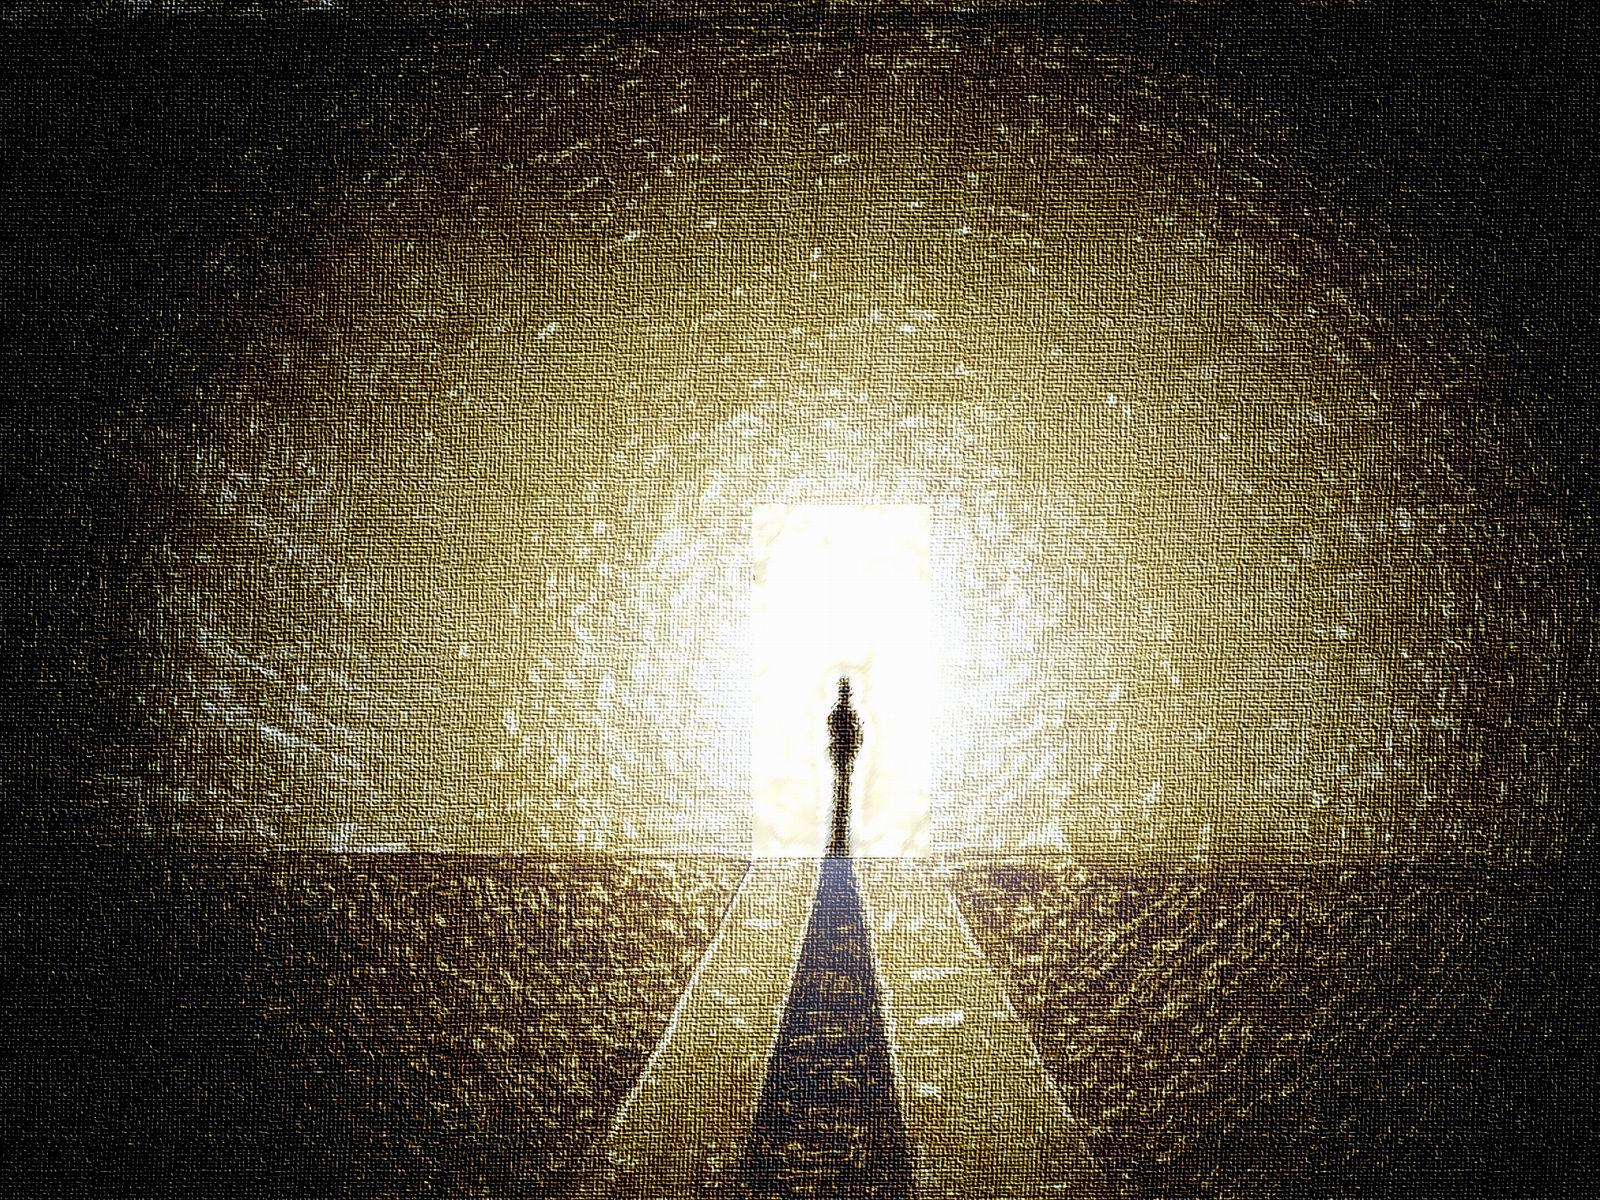 ¡Cuidado! mira por qué la Reencarnación es una Idea del Maligno